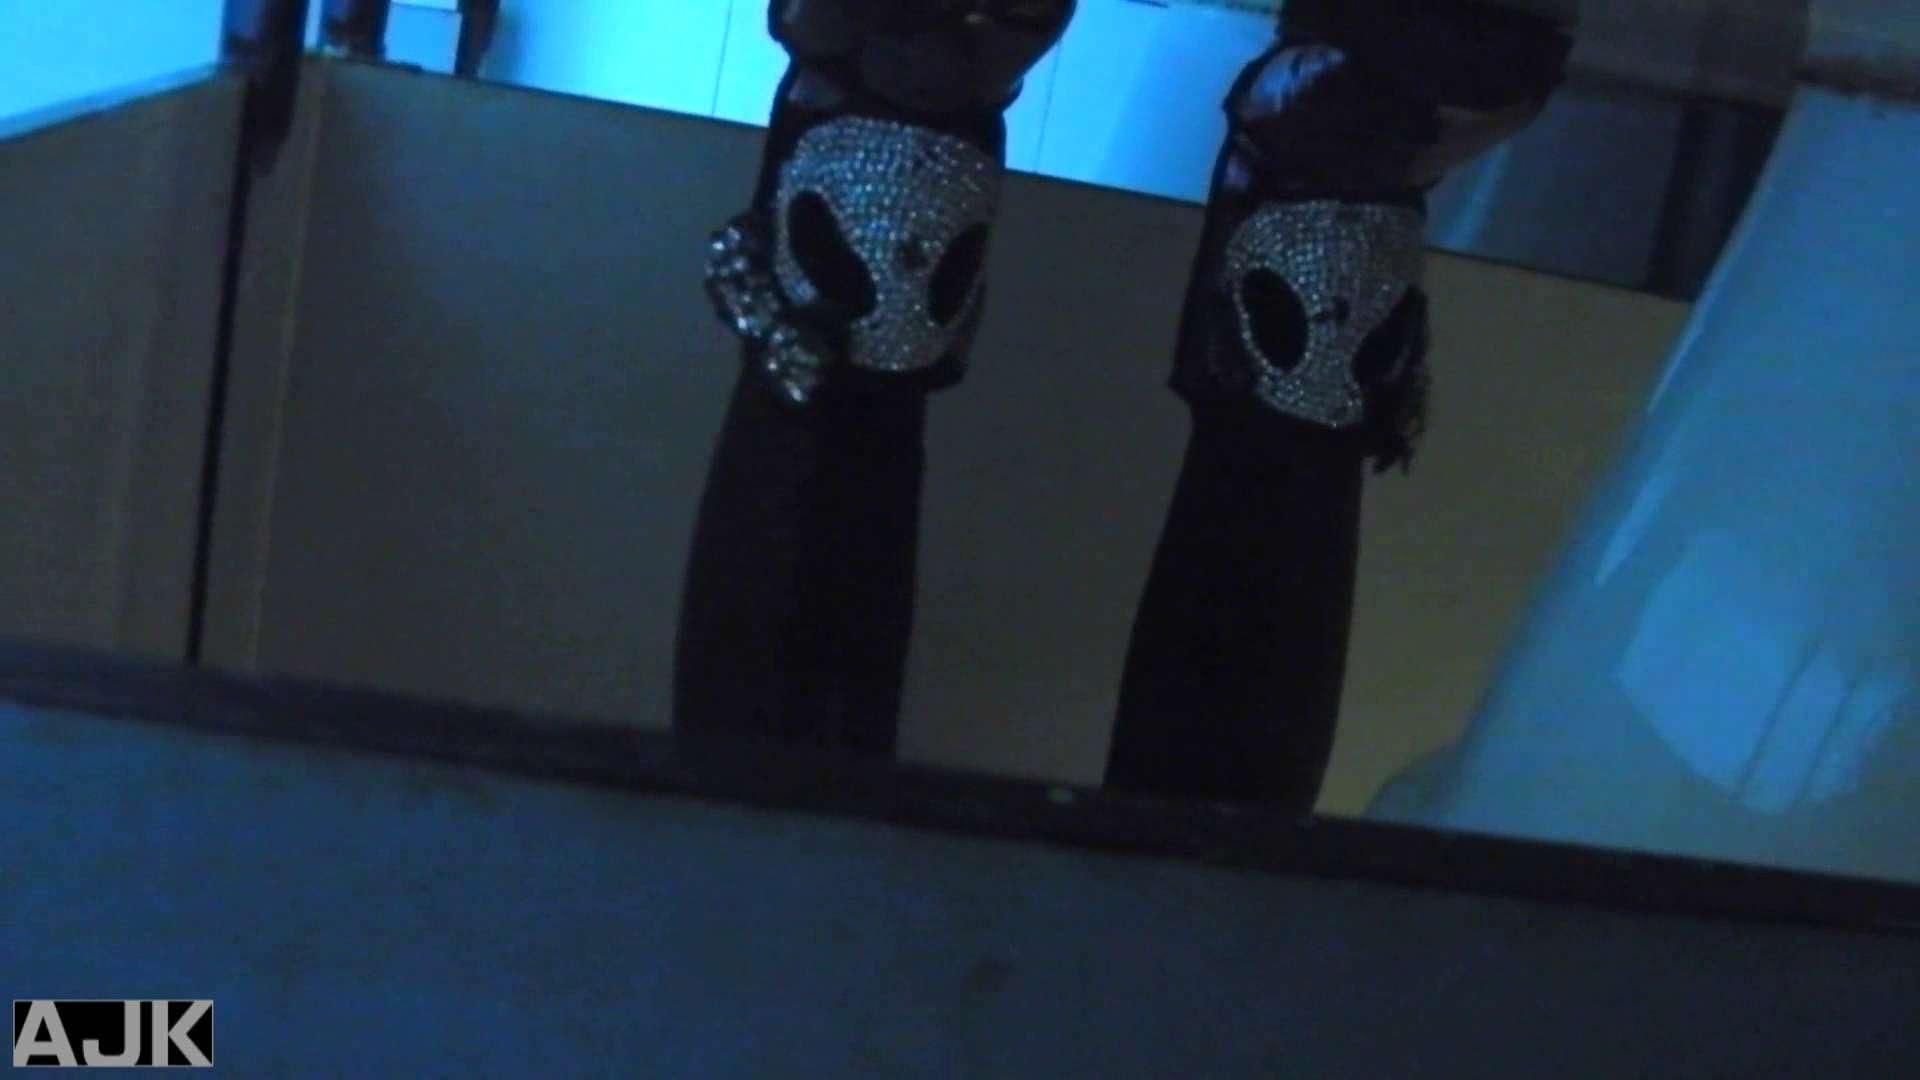 隣国上階級エリアの令嬢たちが集うデパートお手洗い Vol.12 おまんこ ぱこり動画紹介 99枚 98